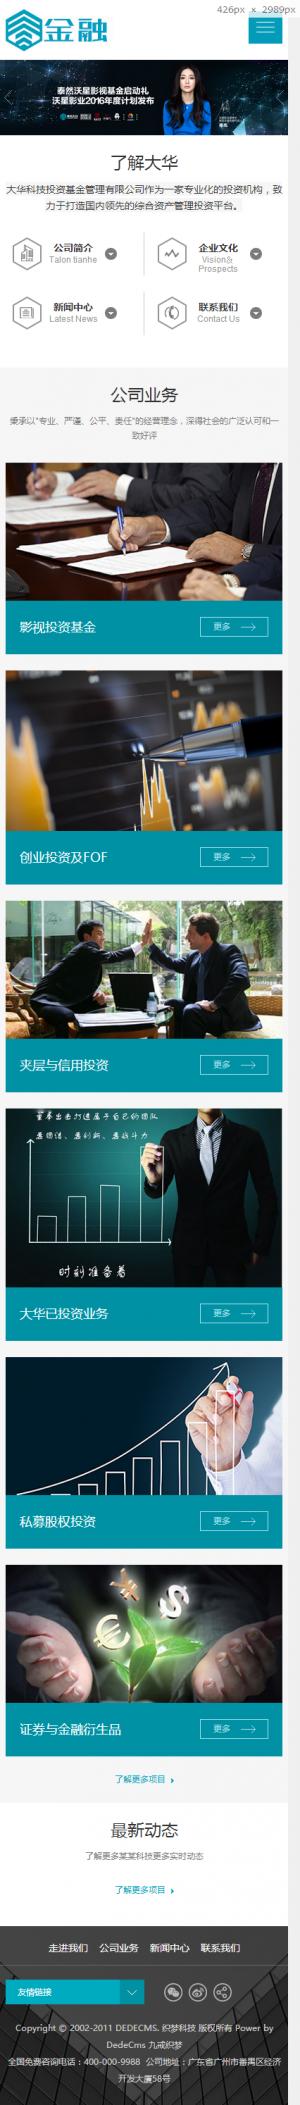 响应式金融股权投资管理企业织梦模板(自适应手机端)手机端演示